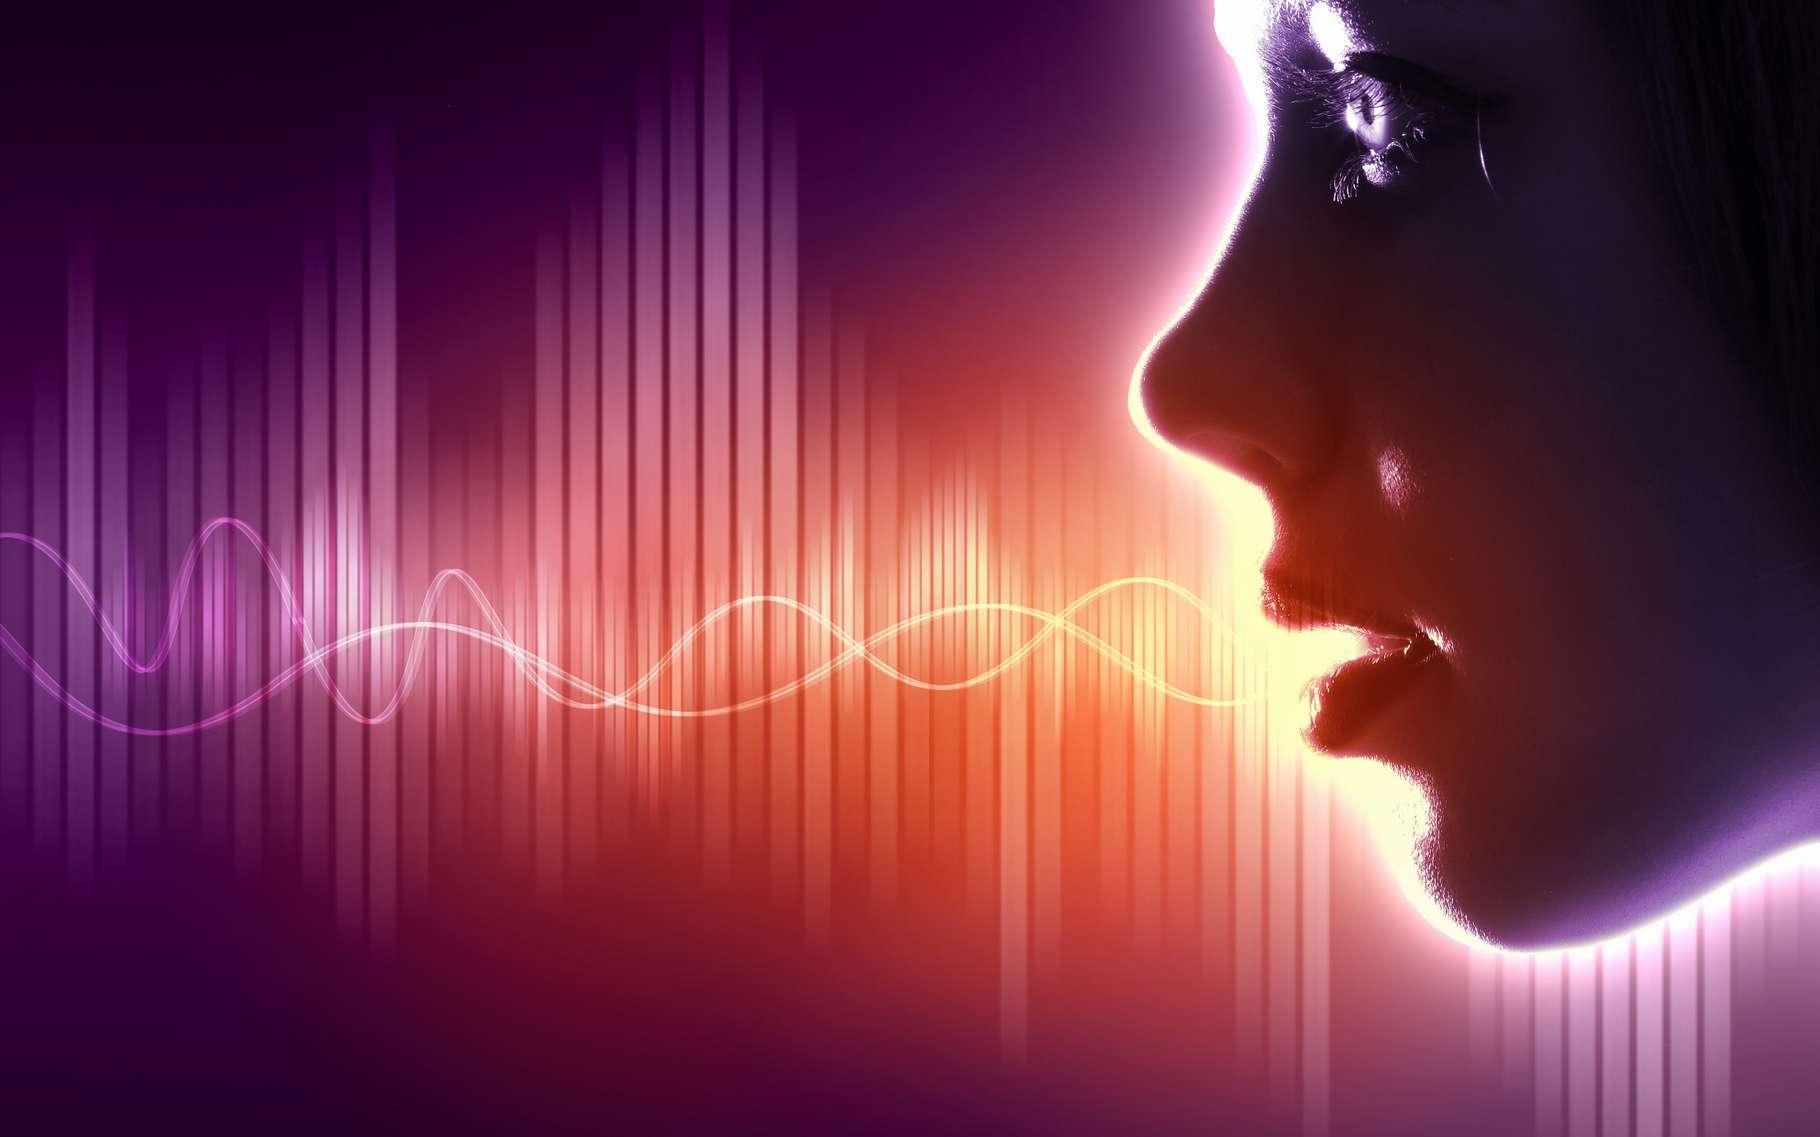 Après avoir faire montre de sa puissance pour le jeu de Go, l'intelligence artificielle de DeepMind (Google) s'attaque à la synthèse vocale avec une réussite tout aussi spectaculaire. © Sergey Nivens, Shutterstock